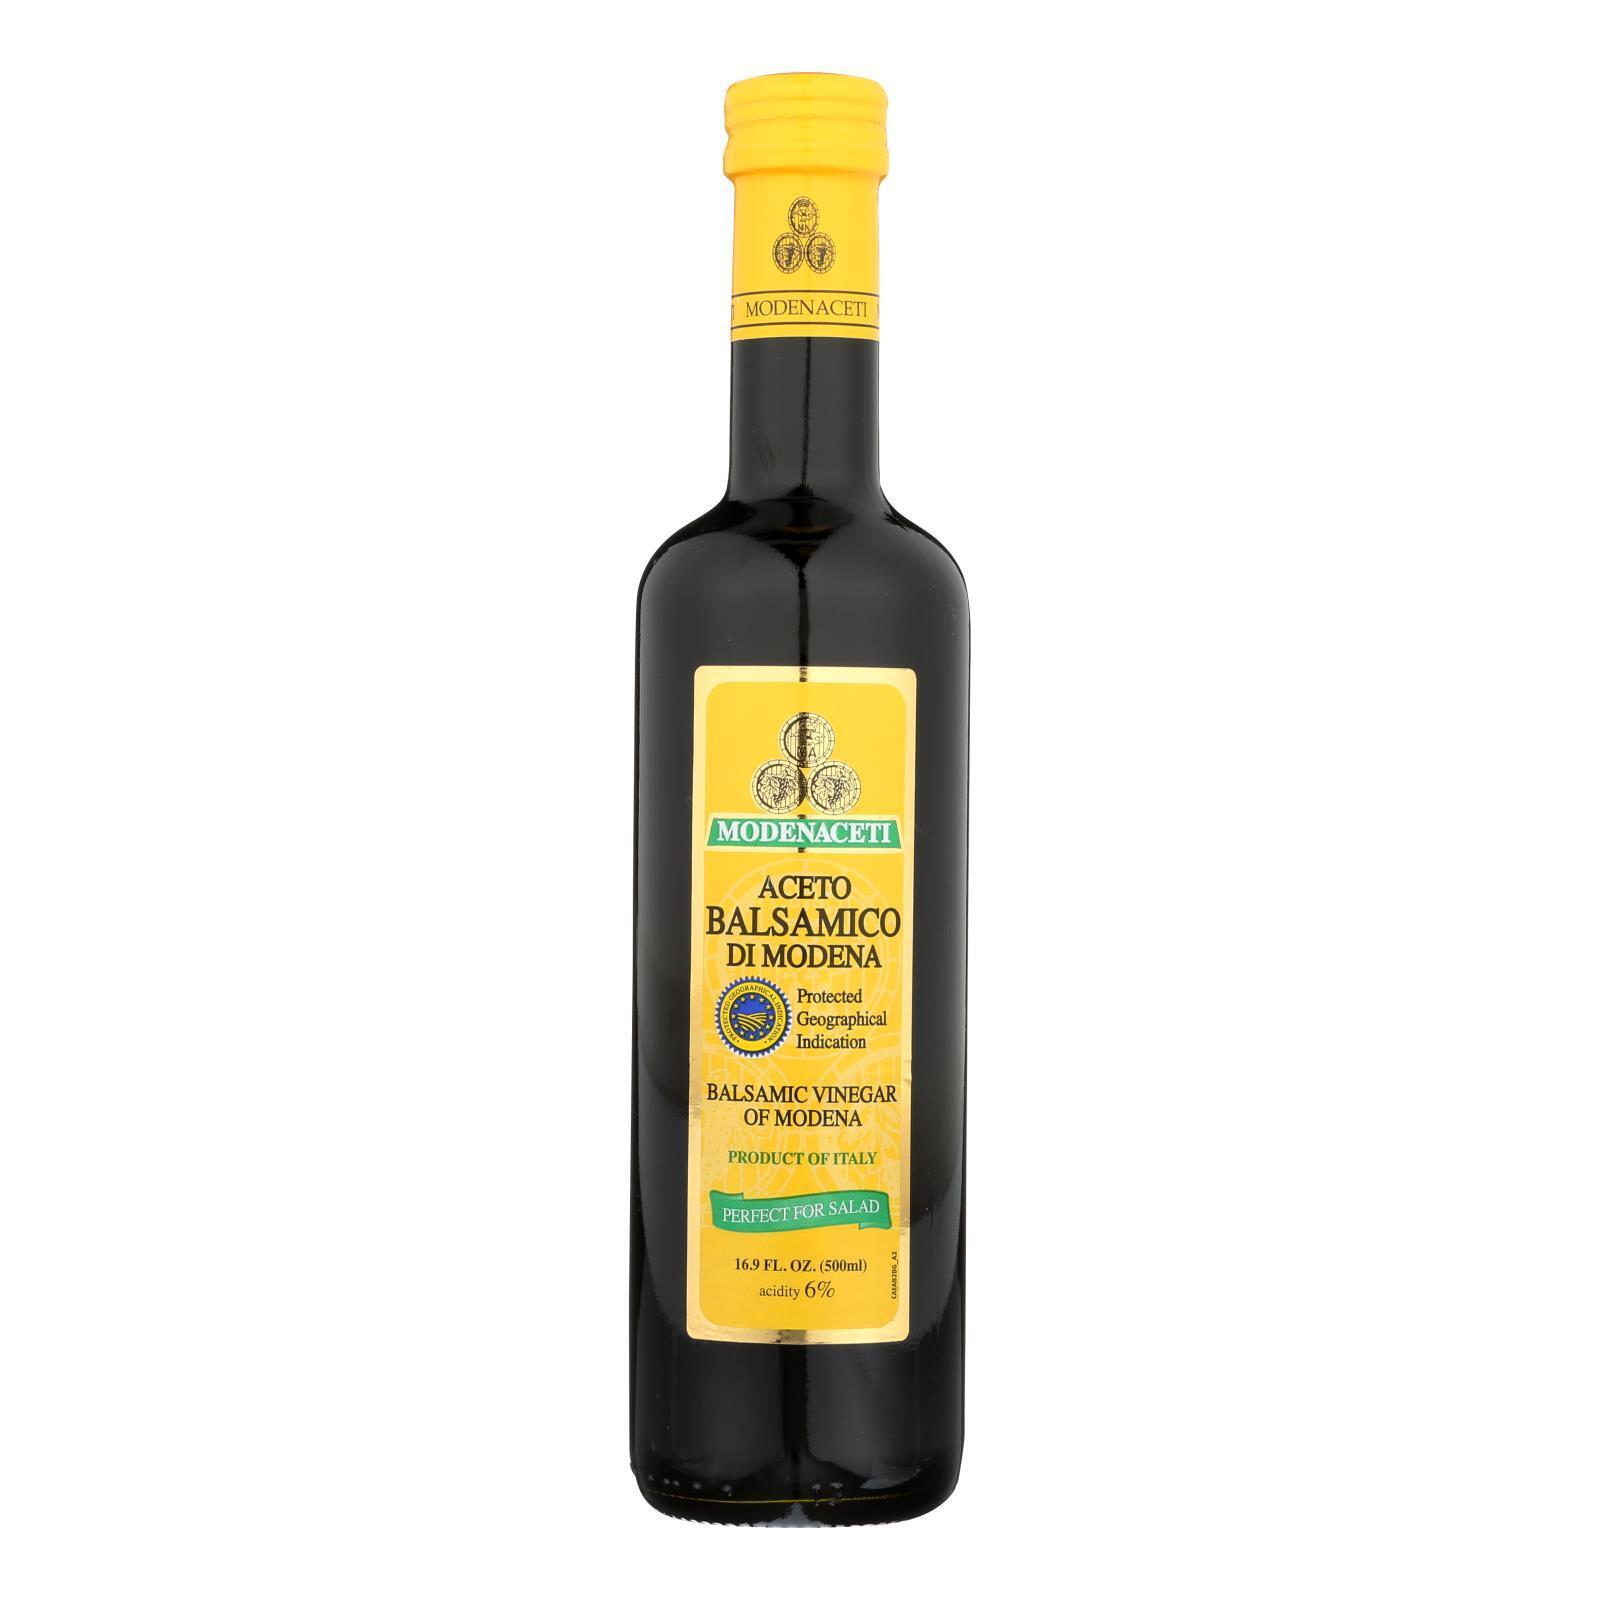 Modenaceti Balsamic Vinegar of Modena - Case of 6 - 16.9 Fl oz.